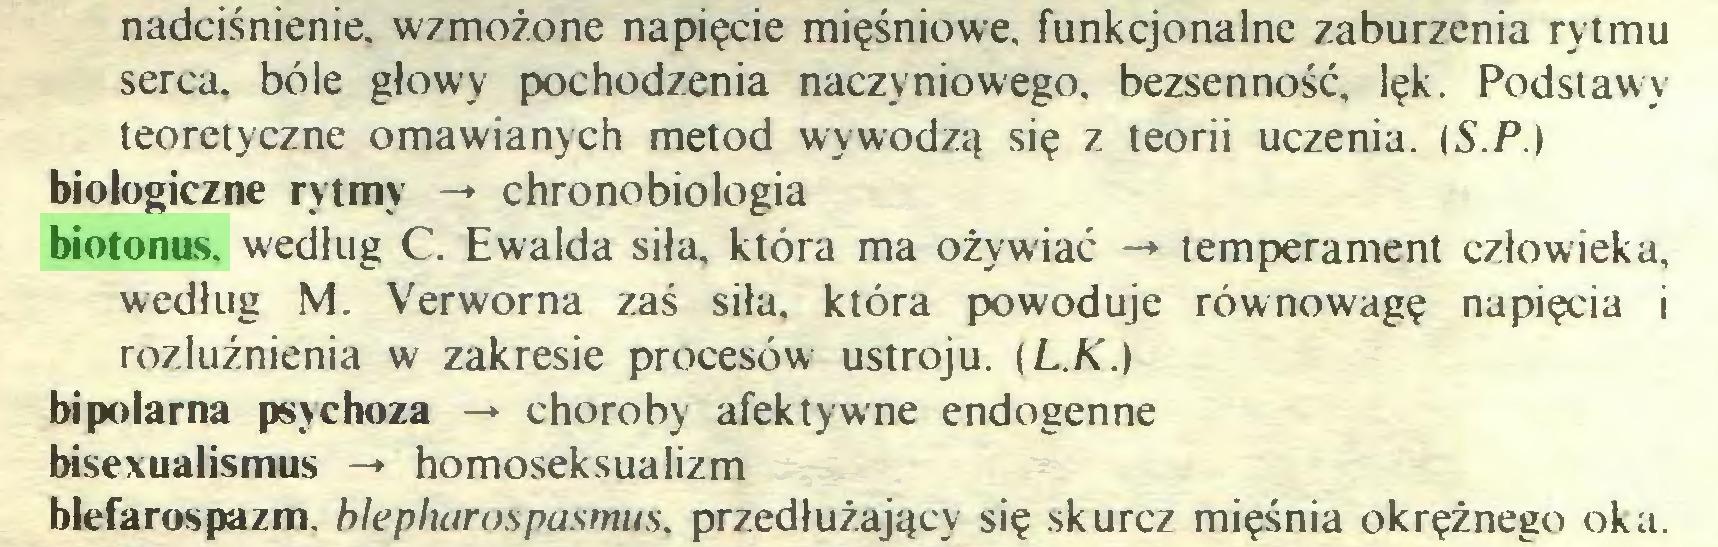 (...) nadciśnienie, wzmożone napięcie mięśniowe, funkcjonalne zaburzenia rytmu serca, bóle głowy pochodzenia naczyniowego, bezsenność, lęk. Podstawy teoretyczne omawianych metod wywodzą się z teorii uczenia. (S.P.) biologiczne rytmy -* chronobiologia biotonus. według C. Ewalda siła, która ma ożywiać -» temperament człowieka, według M. Verworna zaś siła, która powoduje równowagę napięcia i rozluźnienia w zakresie procesów ustroju, i L.K.) bipolarna psychoza -» choroby afektywne endogenne bisexualismus -» homoseksualizm blefarospazm. hlepharospasmus, przedłużający się skurcz mięśnia okrężnego oka...